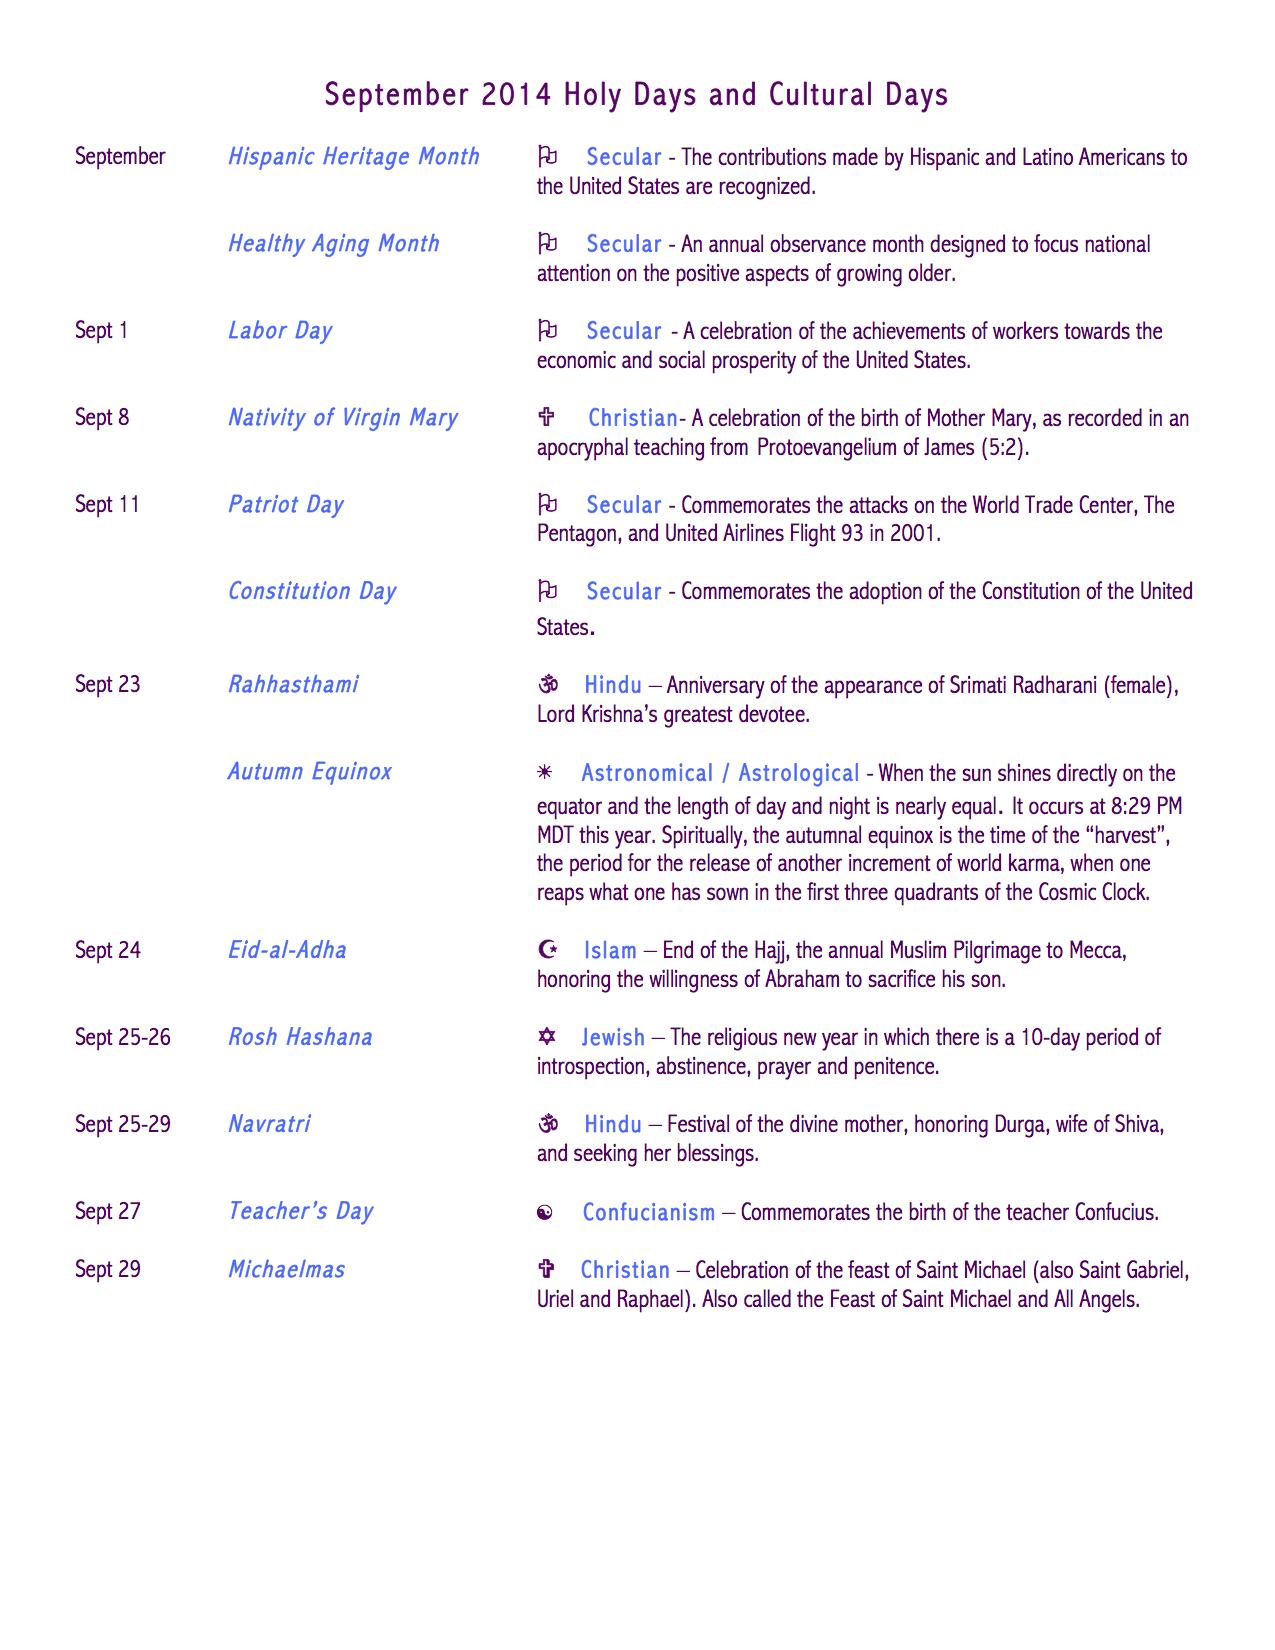 September 2014 Issue: September 2014 Calendar Of